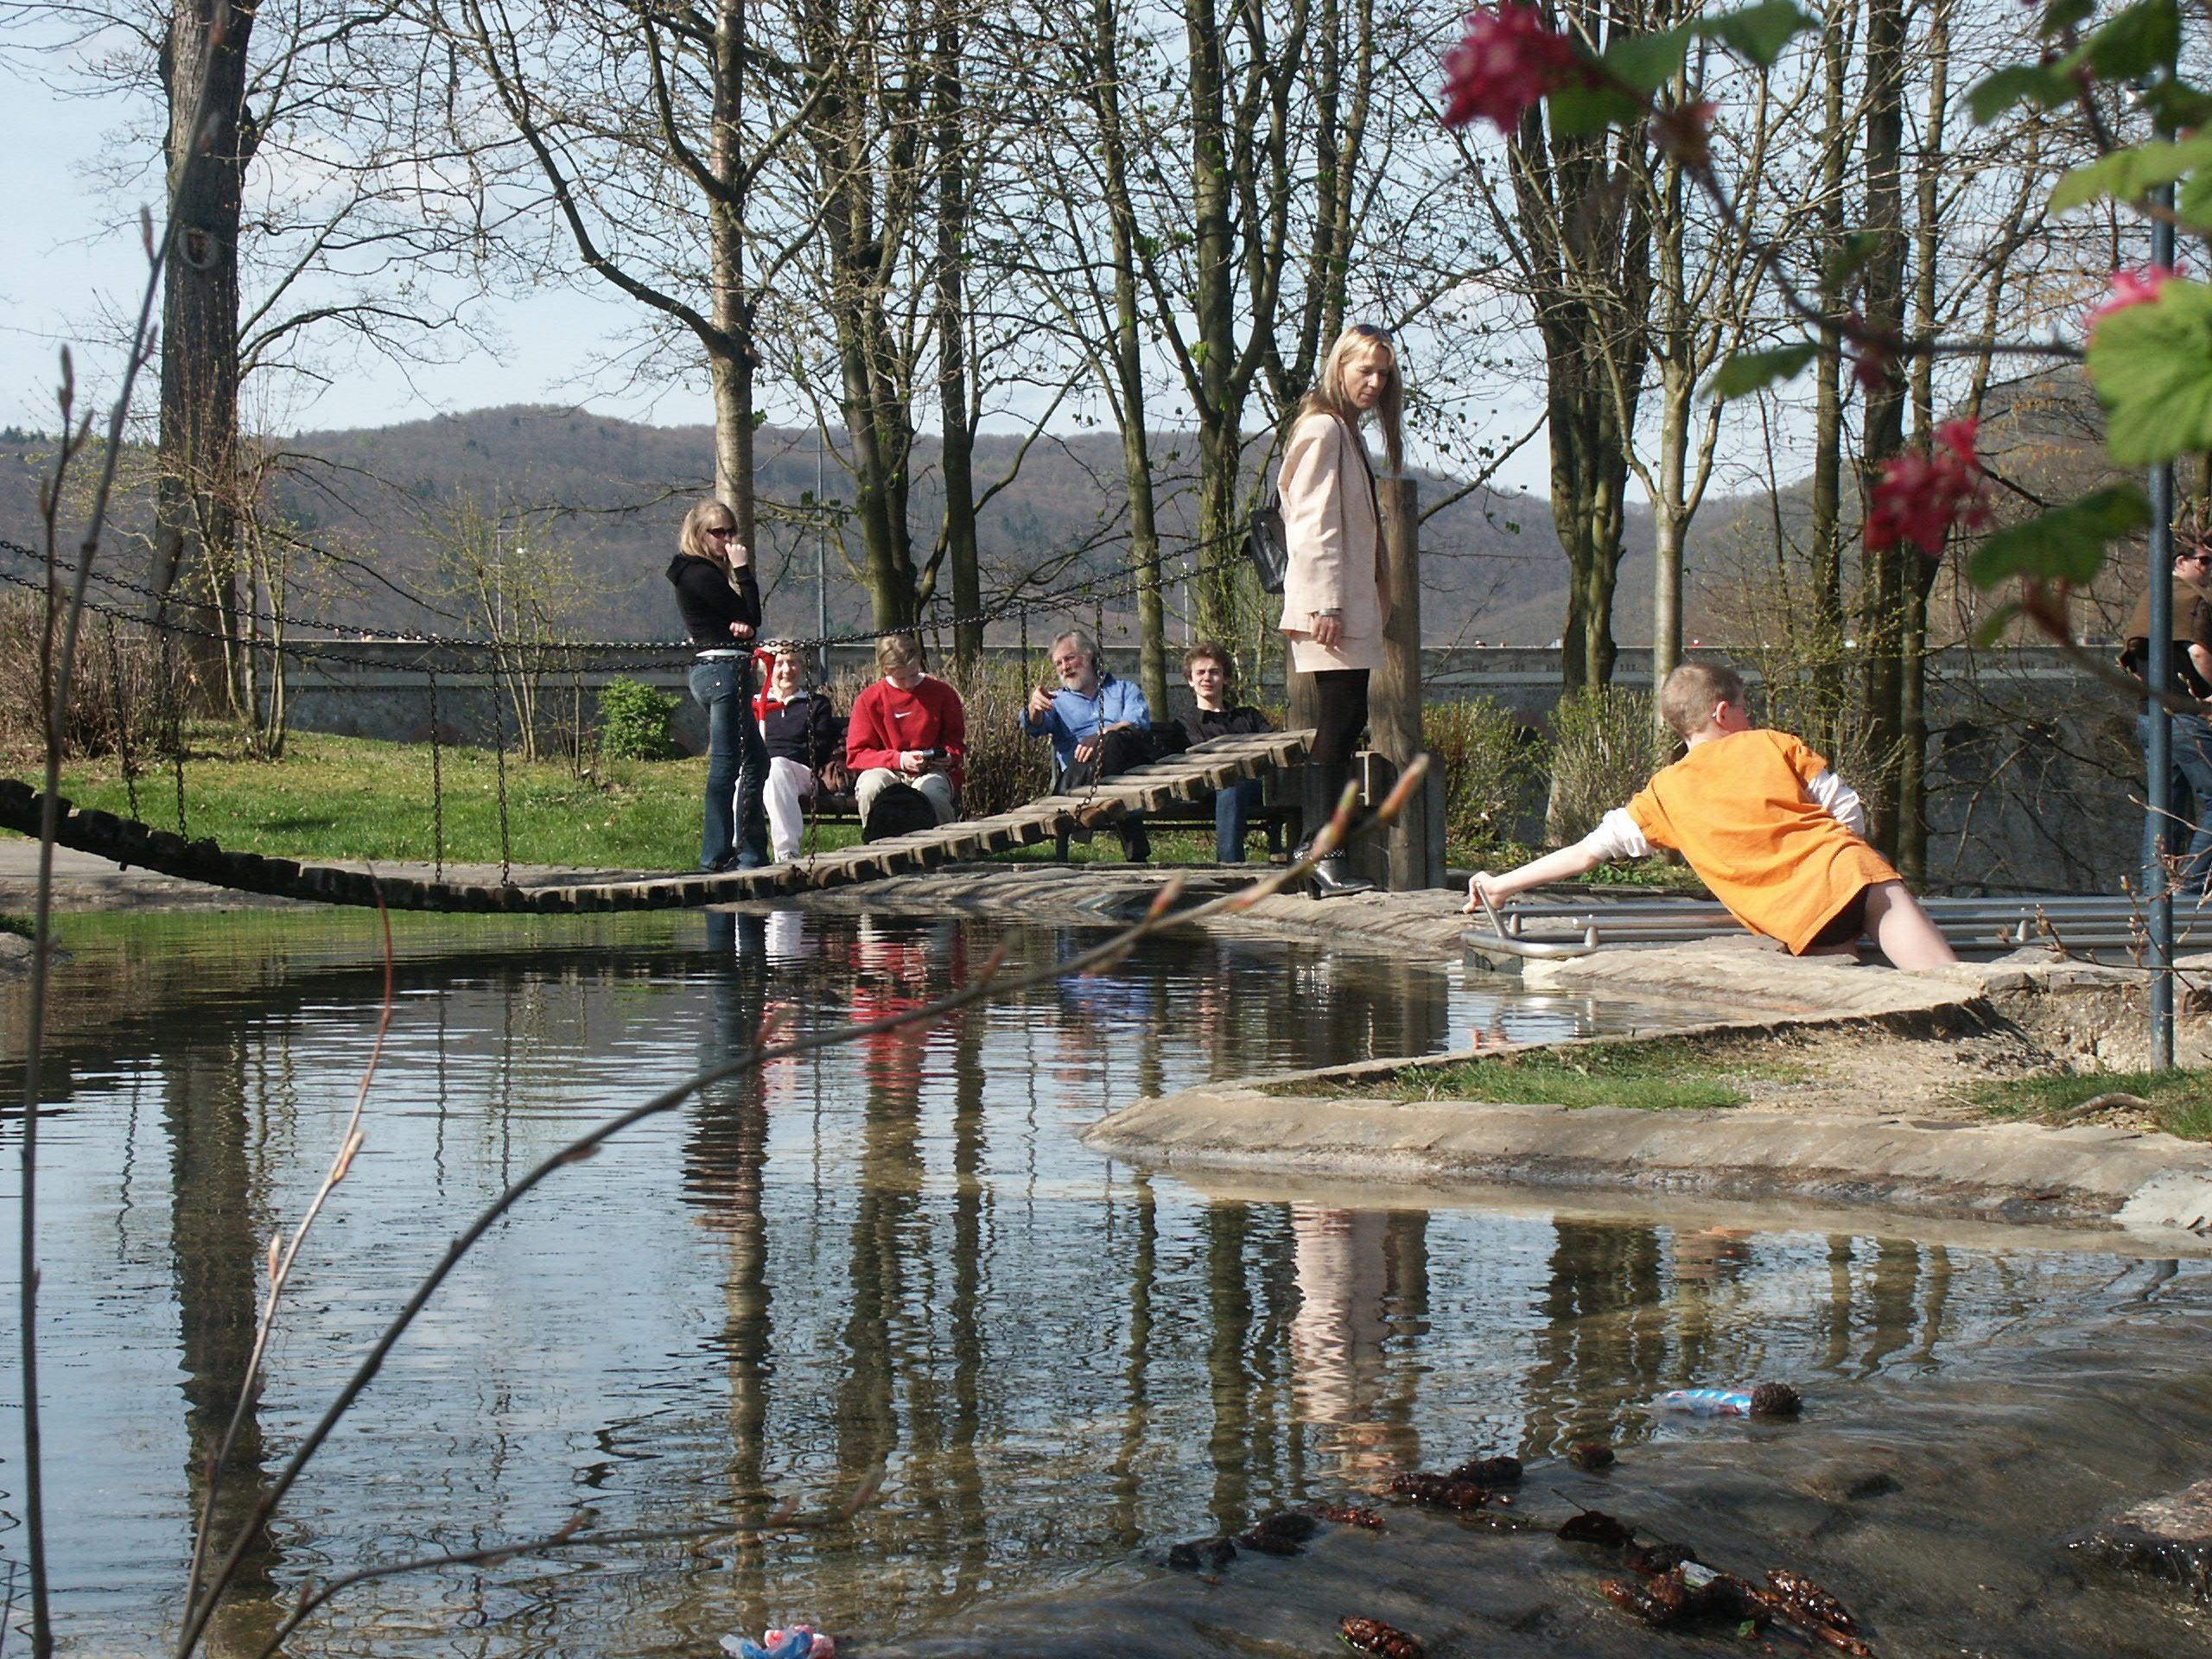 Ein Publikumsmagnet: Der Aquapark an der Sperrmauer. (Archivfoto: HNA)